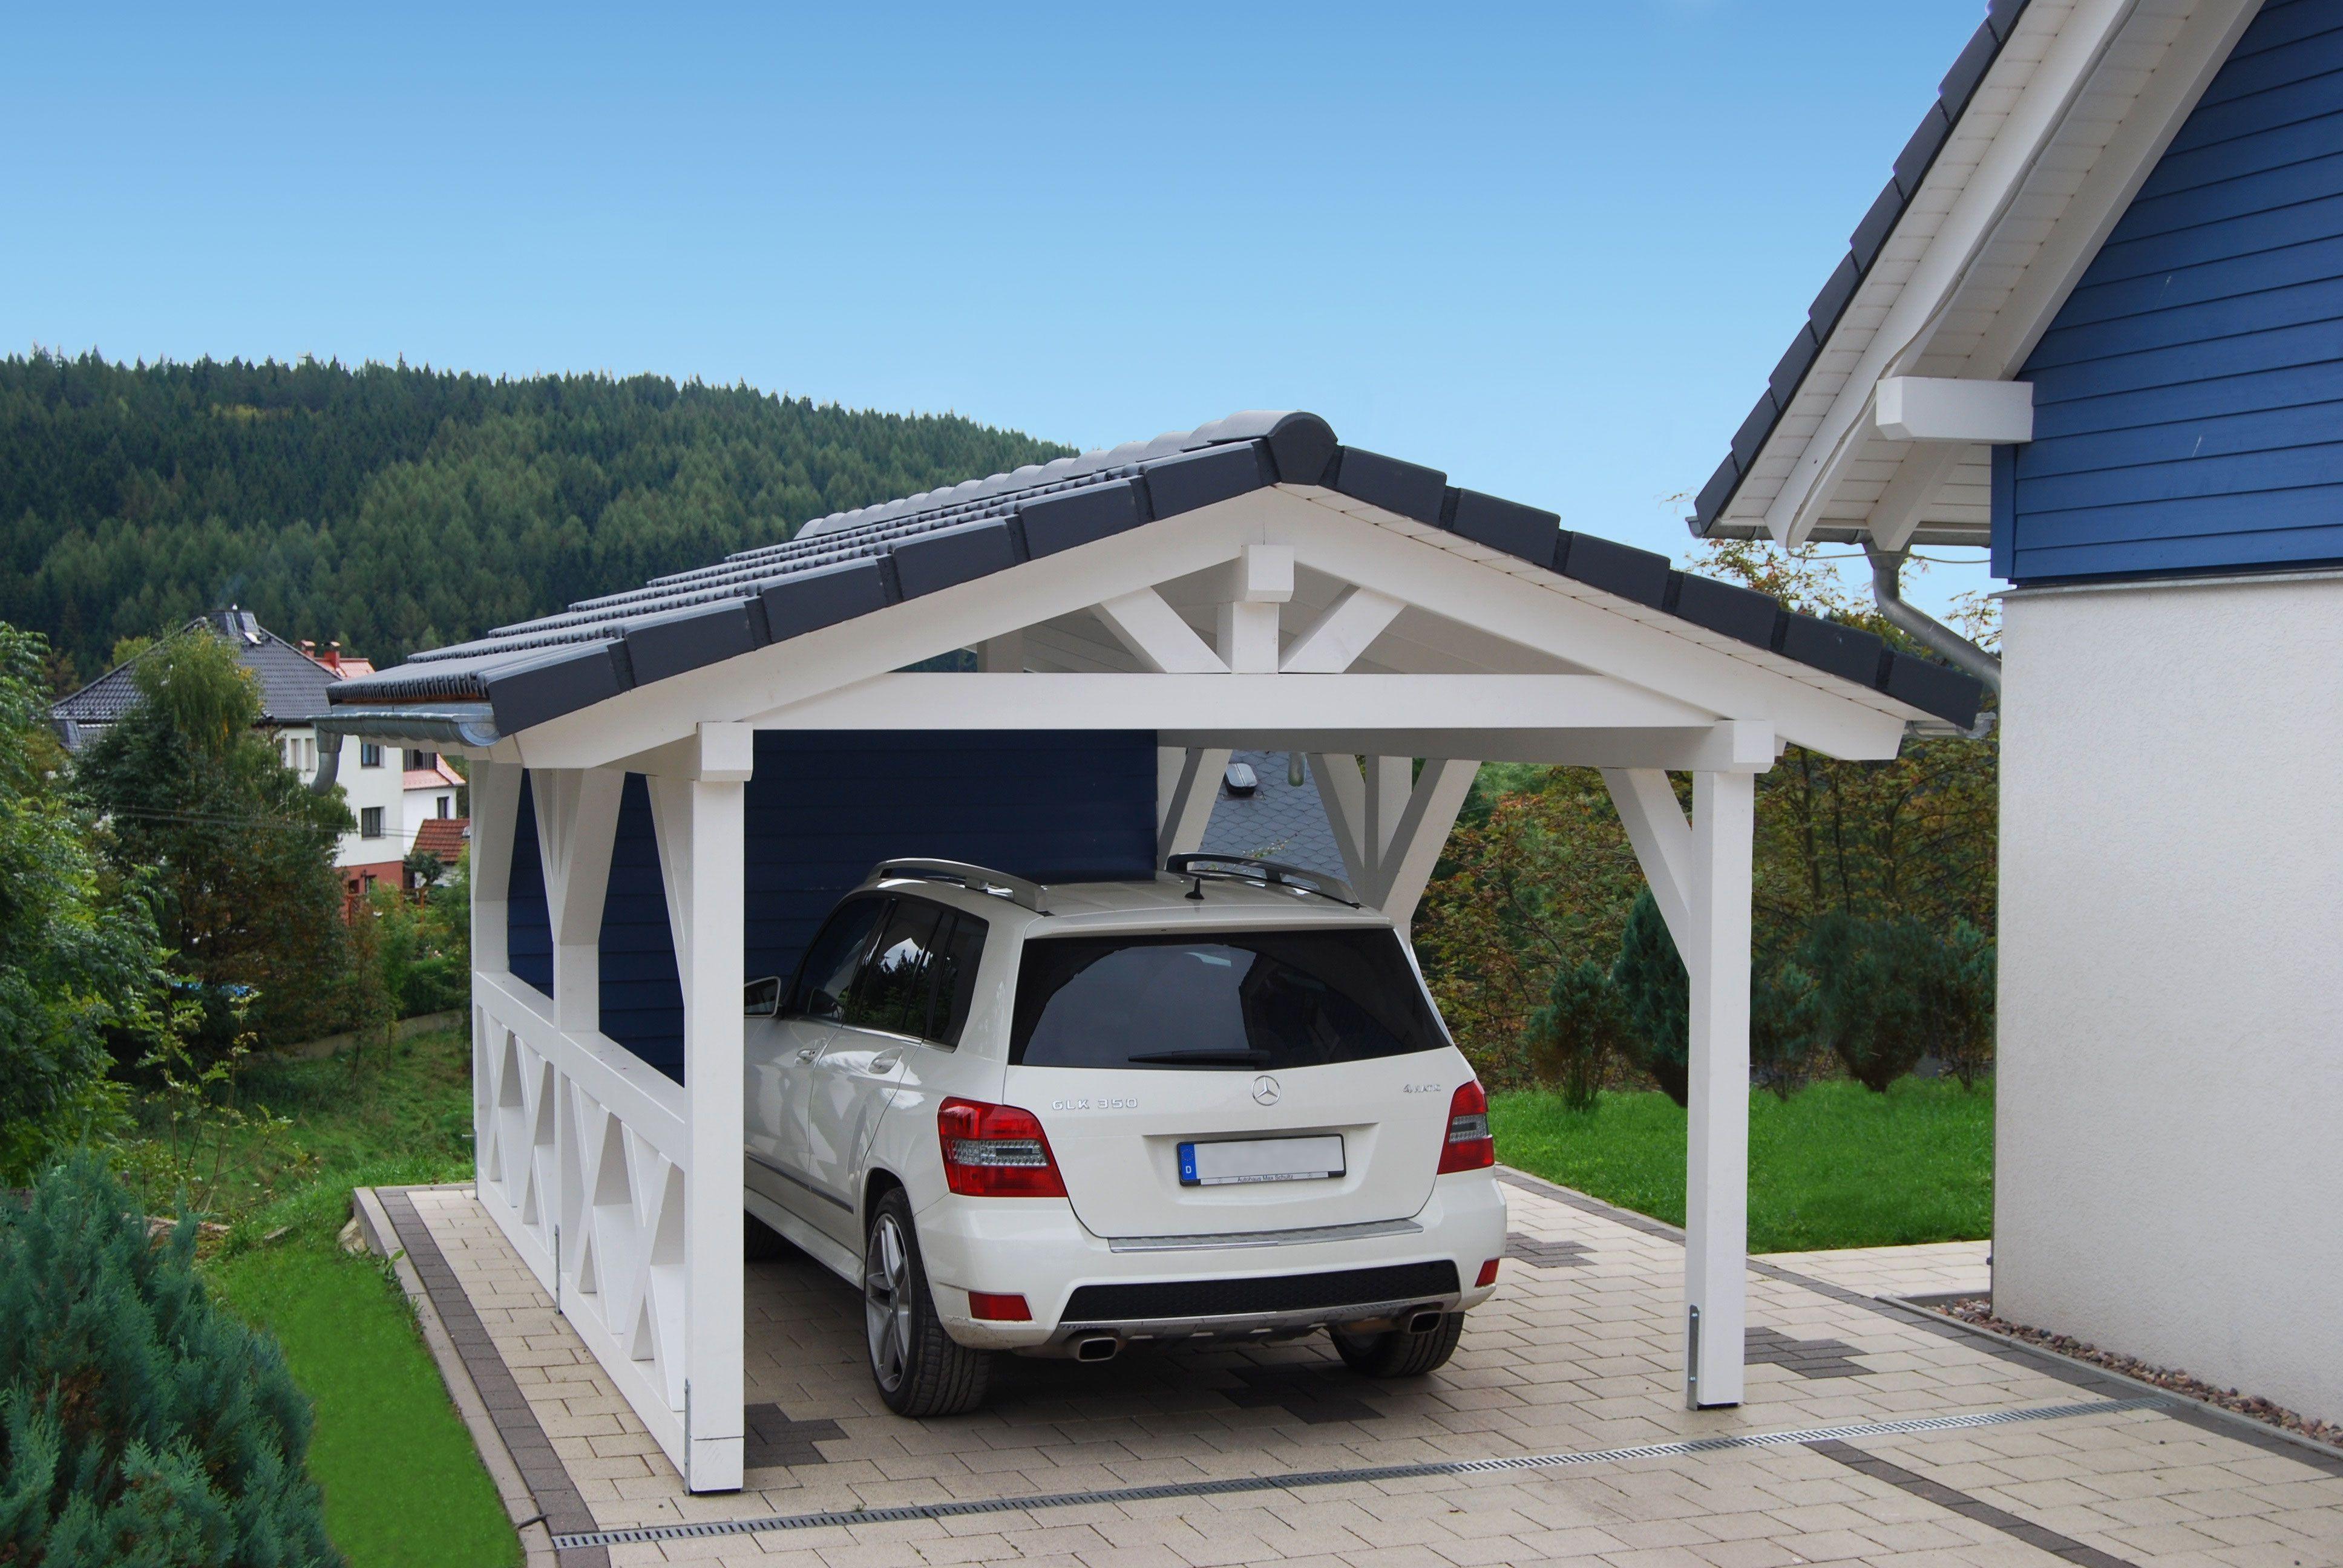 Spitzdach Carport Solarterrassen & Carportwerk GmbH